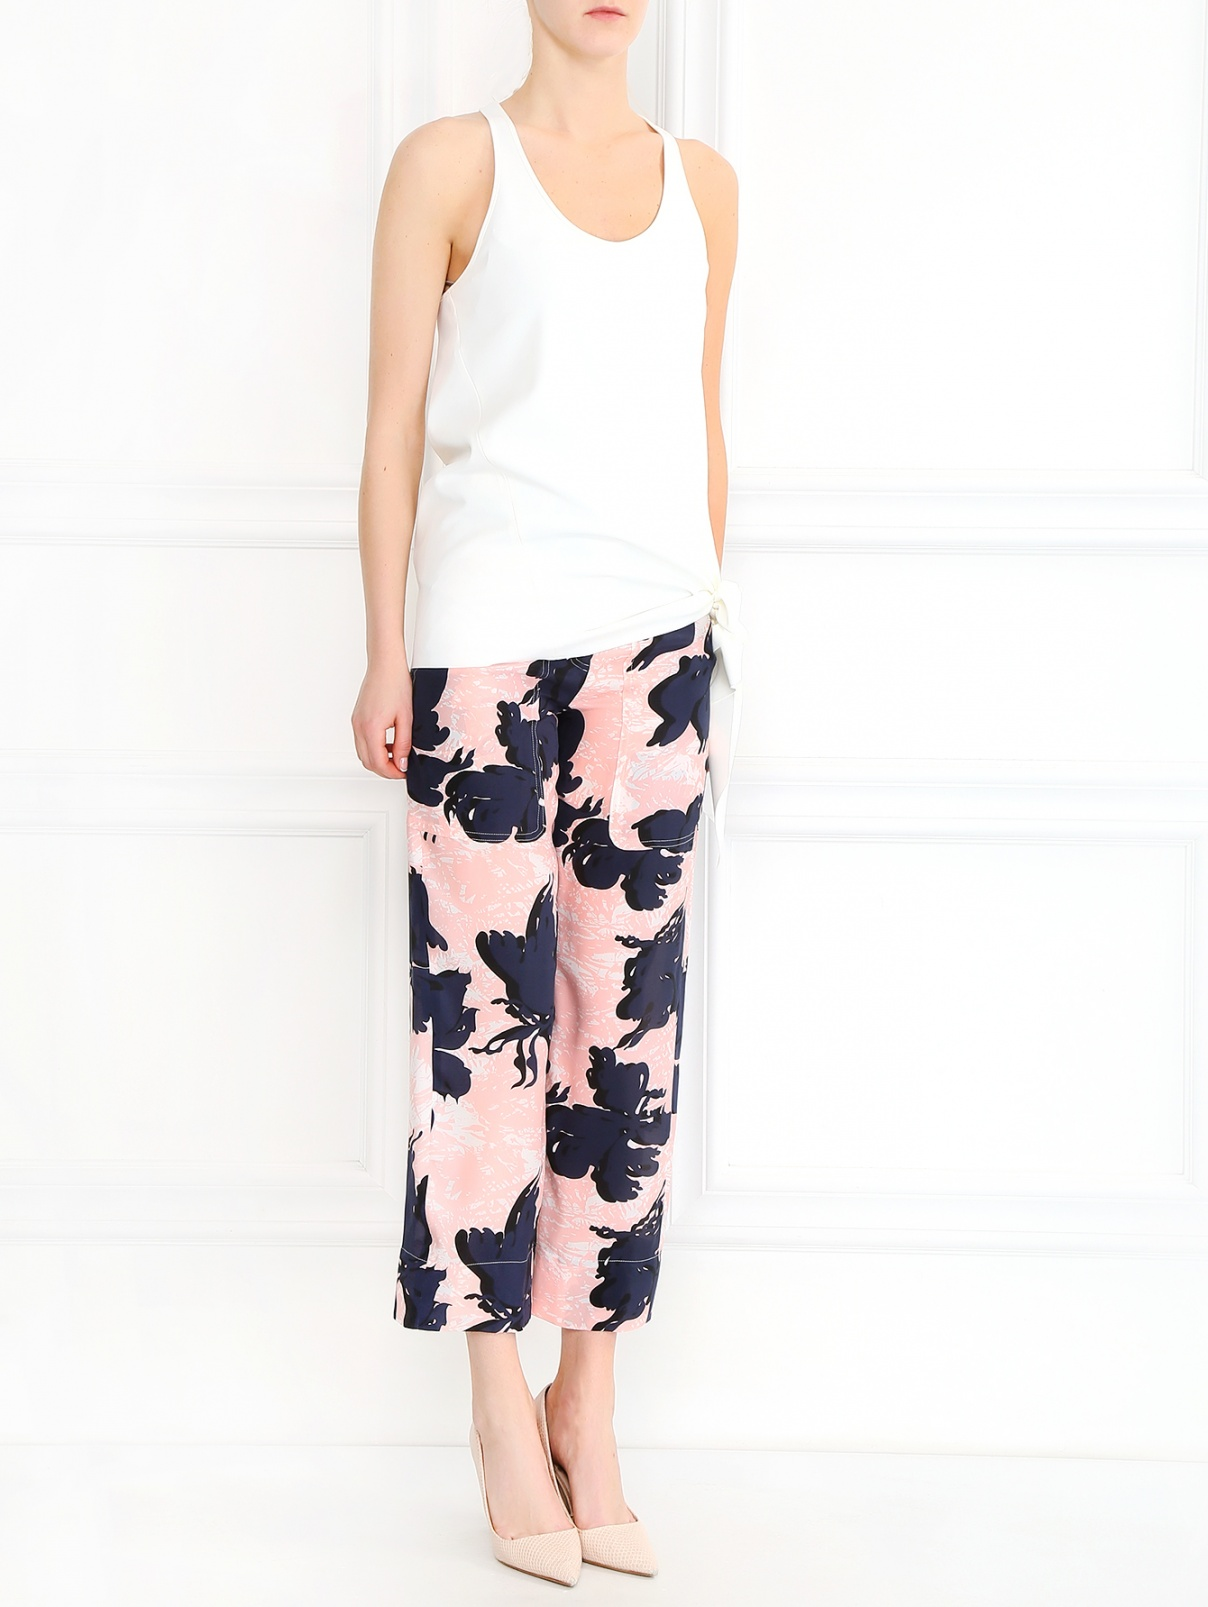 Укороченные брюки из шелка Cedric Charlier  –  Модель Общий вид  – Цвет:  Узор